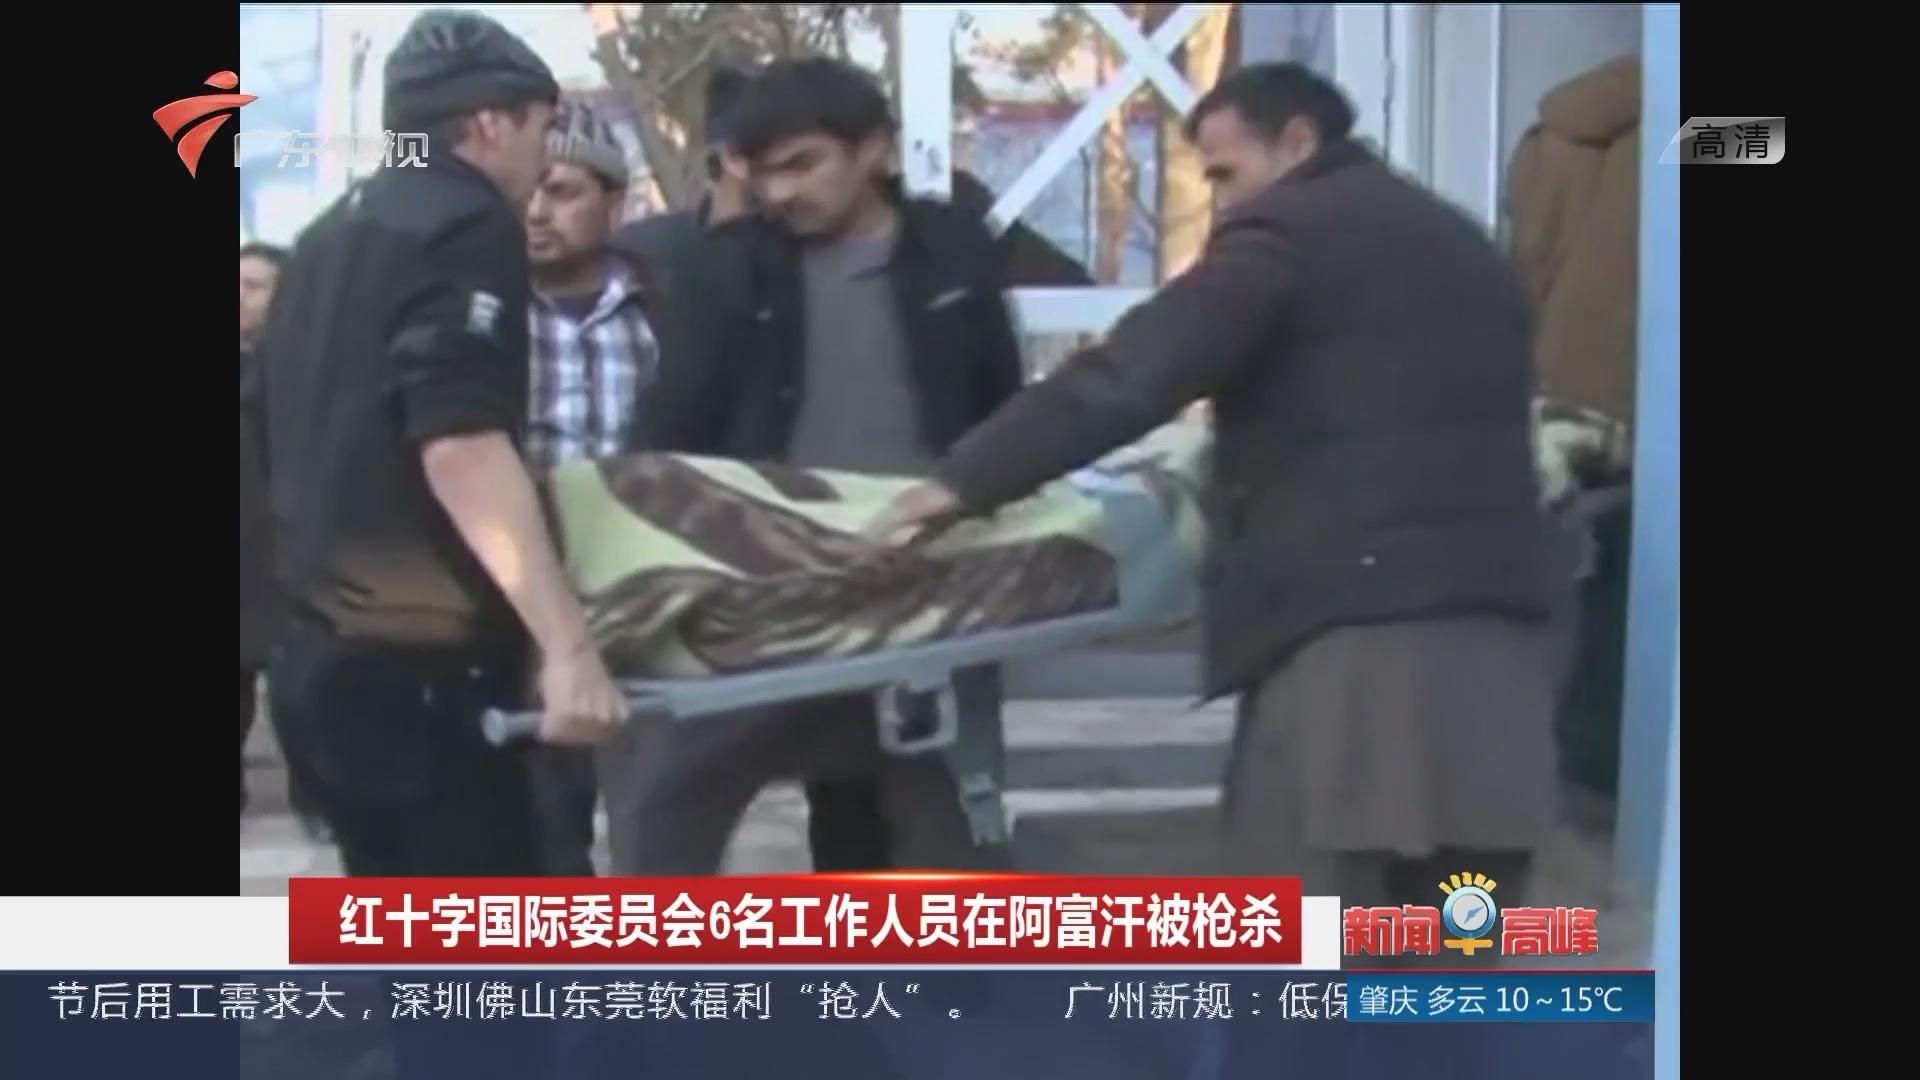 红十字国际委员会6名工作人员在阿富汗被枪杀